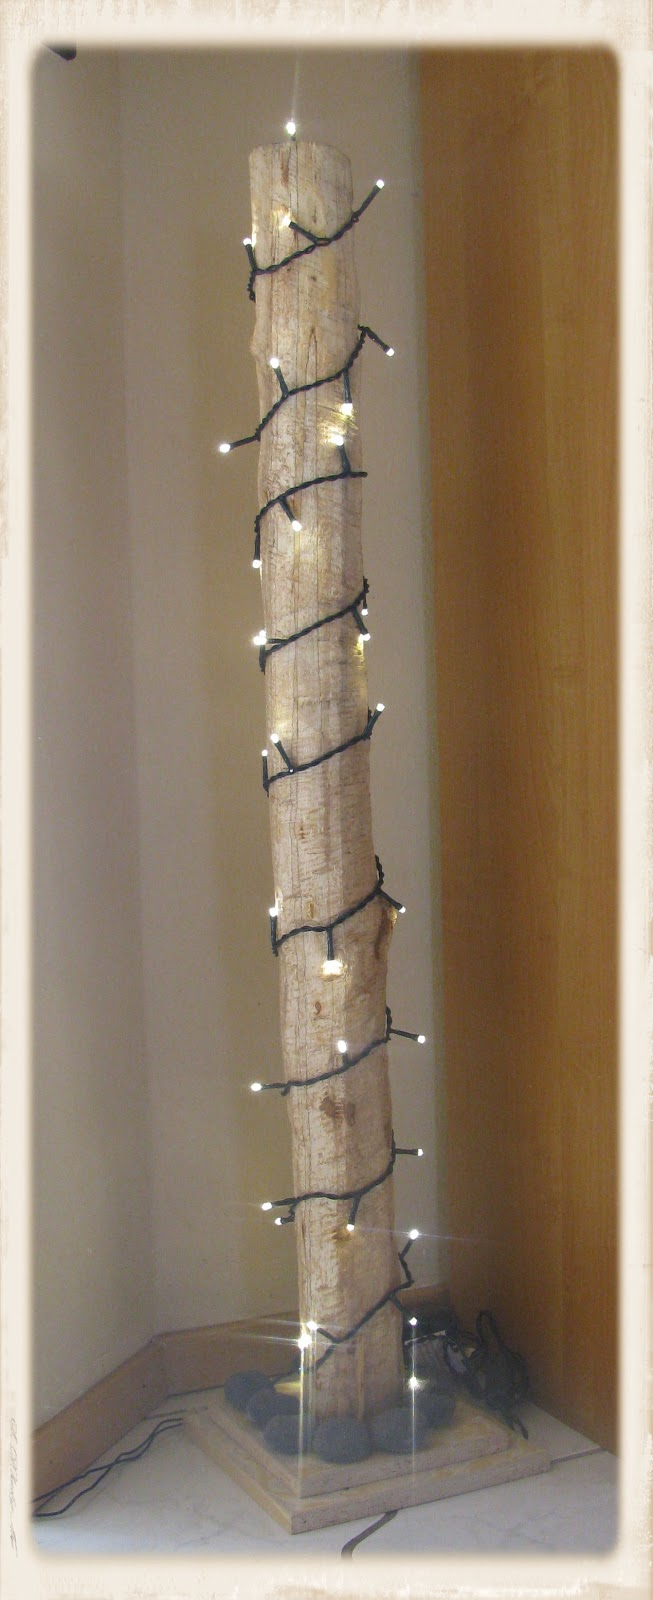 152 basteln mit birkenholz halbierte birkenholz scheiben als rustikale platzhalter schneem. Black Bedroom Furniture Sets. Home Design Ideas